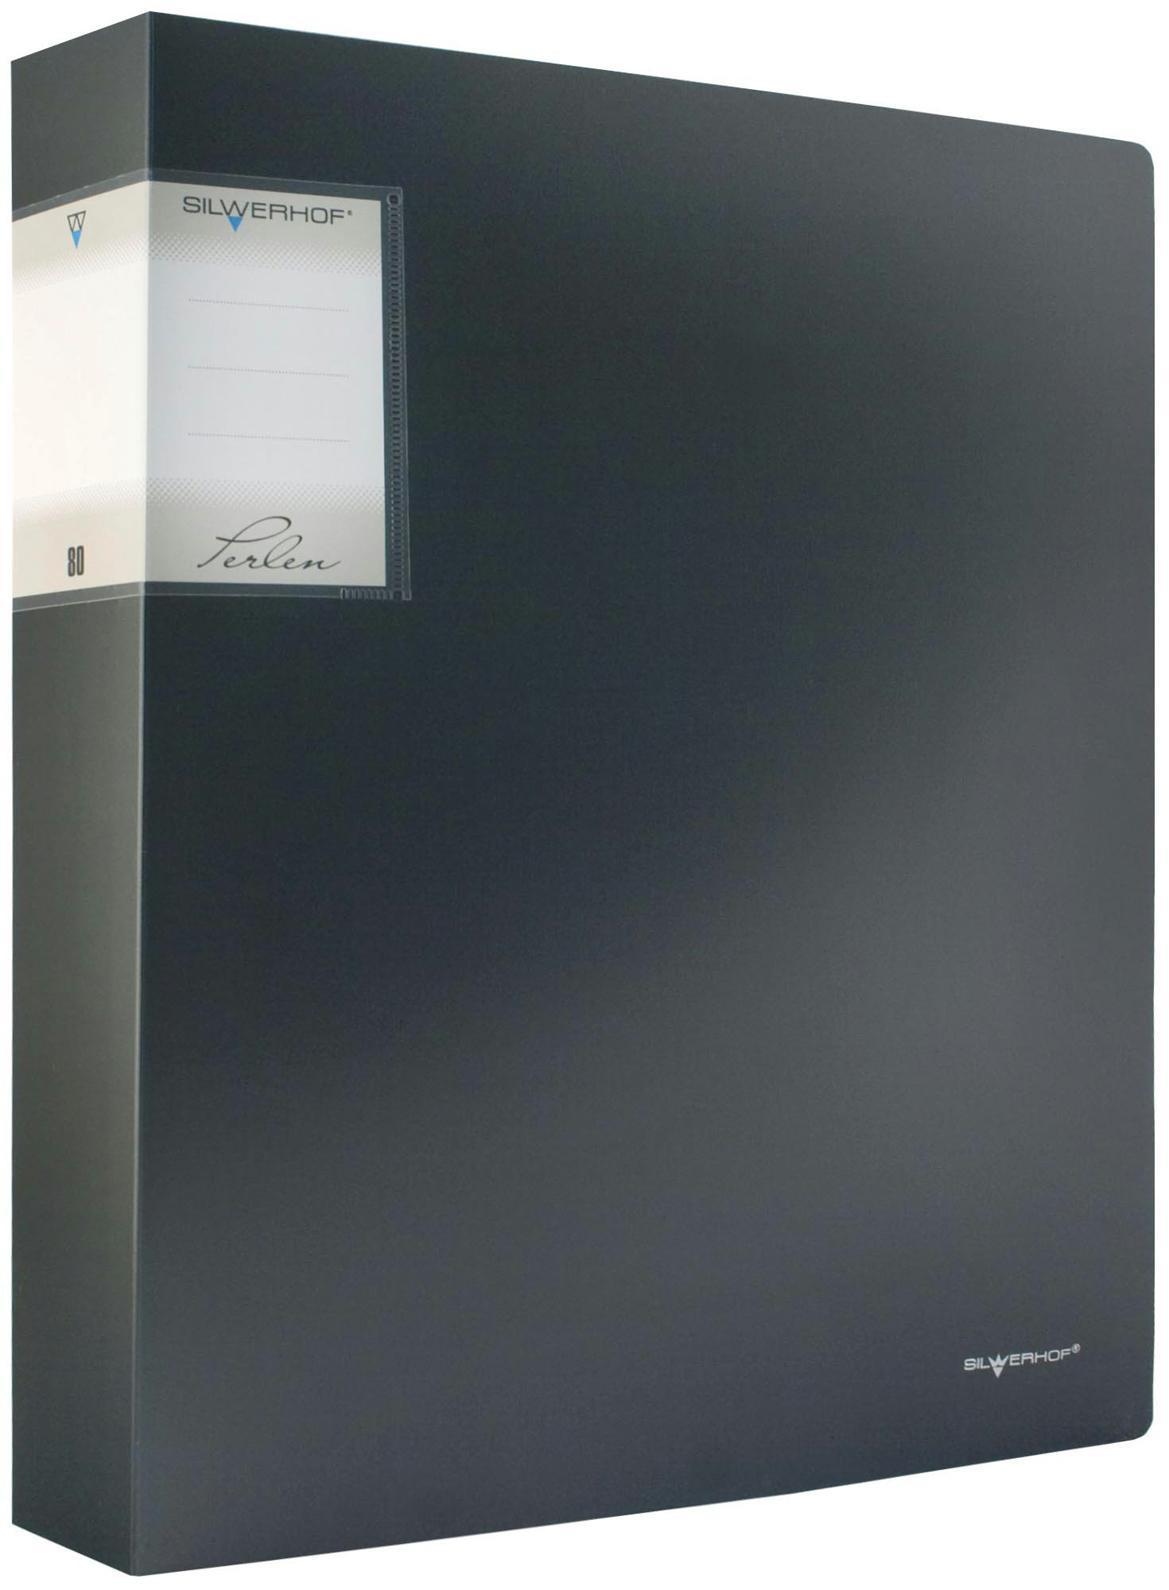 Папка с файлами, 80ф., А4, 1.1мм, PERLEN , карман, мокрый асфальт Metallic арт.291980-76 ед.изм.Шт291980-76Серия: PERLEN